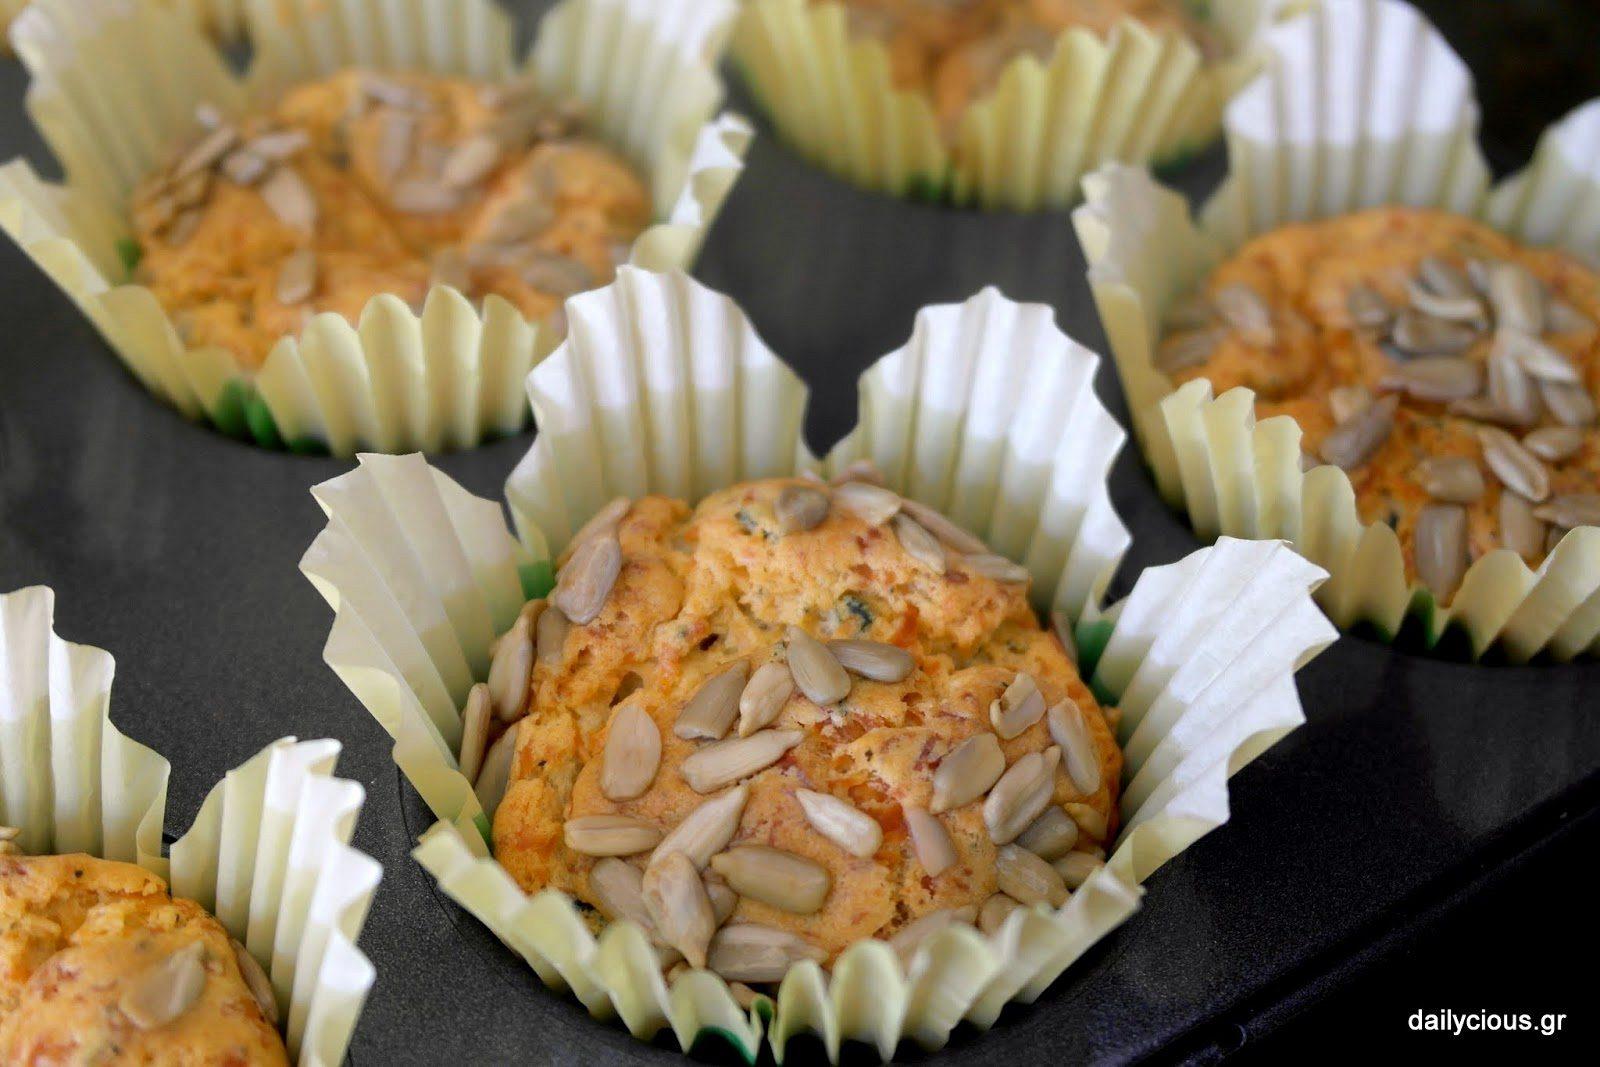 Έτοιμα τα αλμυρά muffins με Χαλούμι, Δυόσμο και Γιαούρτι!